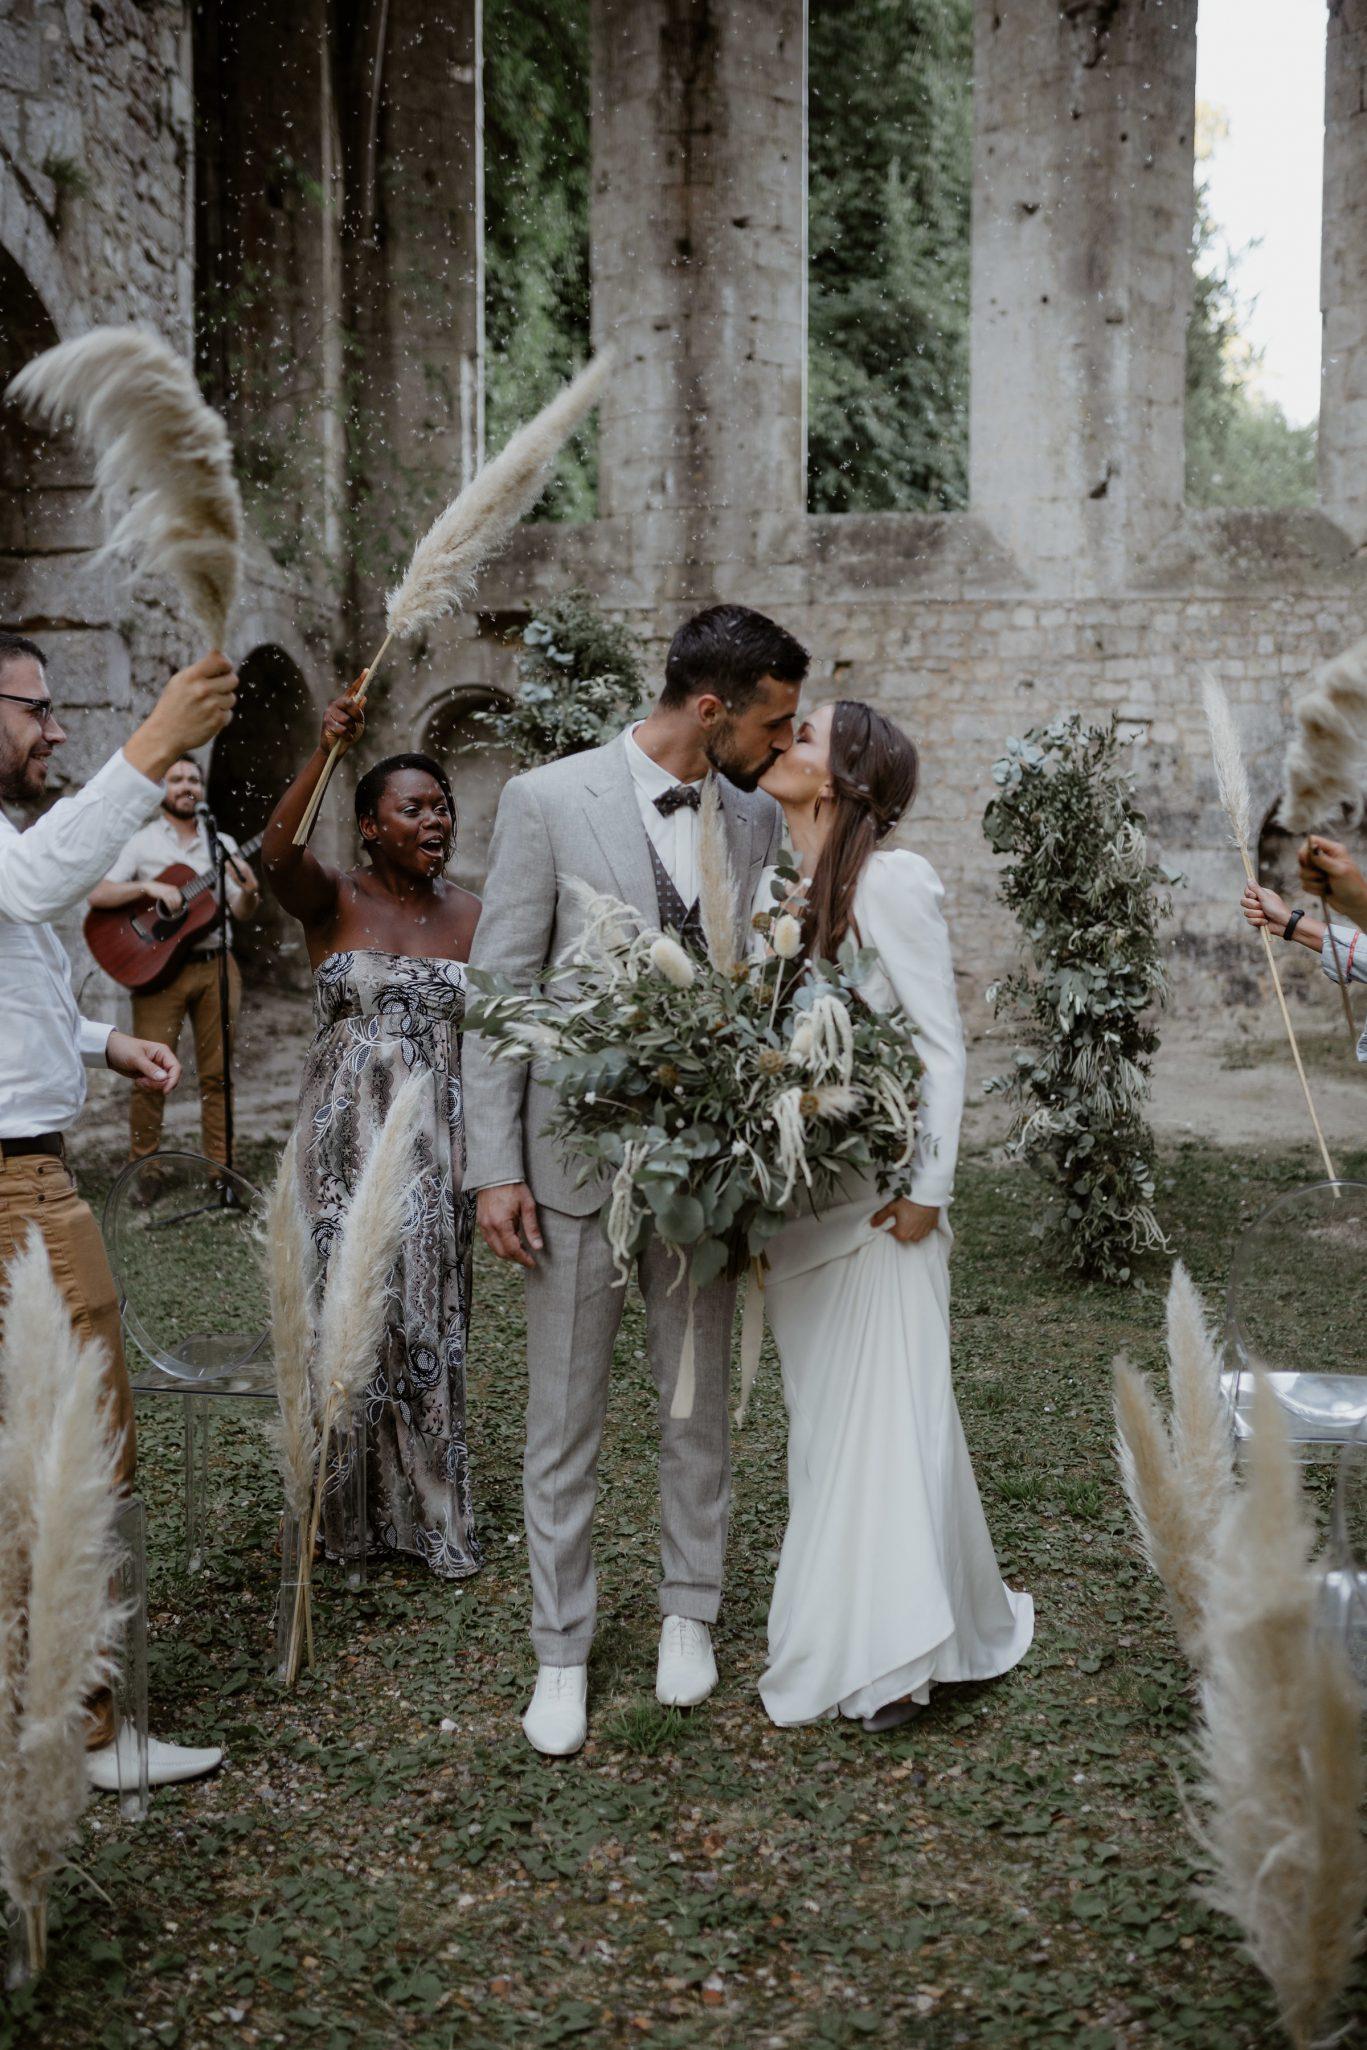 ceremonie laique organisation mariage décoration mariage pour un mariage bohème chic. Empreinte éphémère wedding planner Provence paris normandie